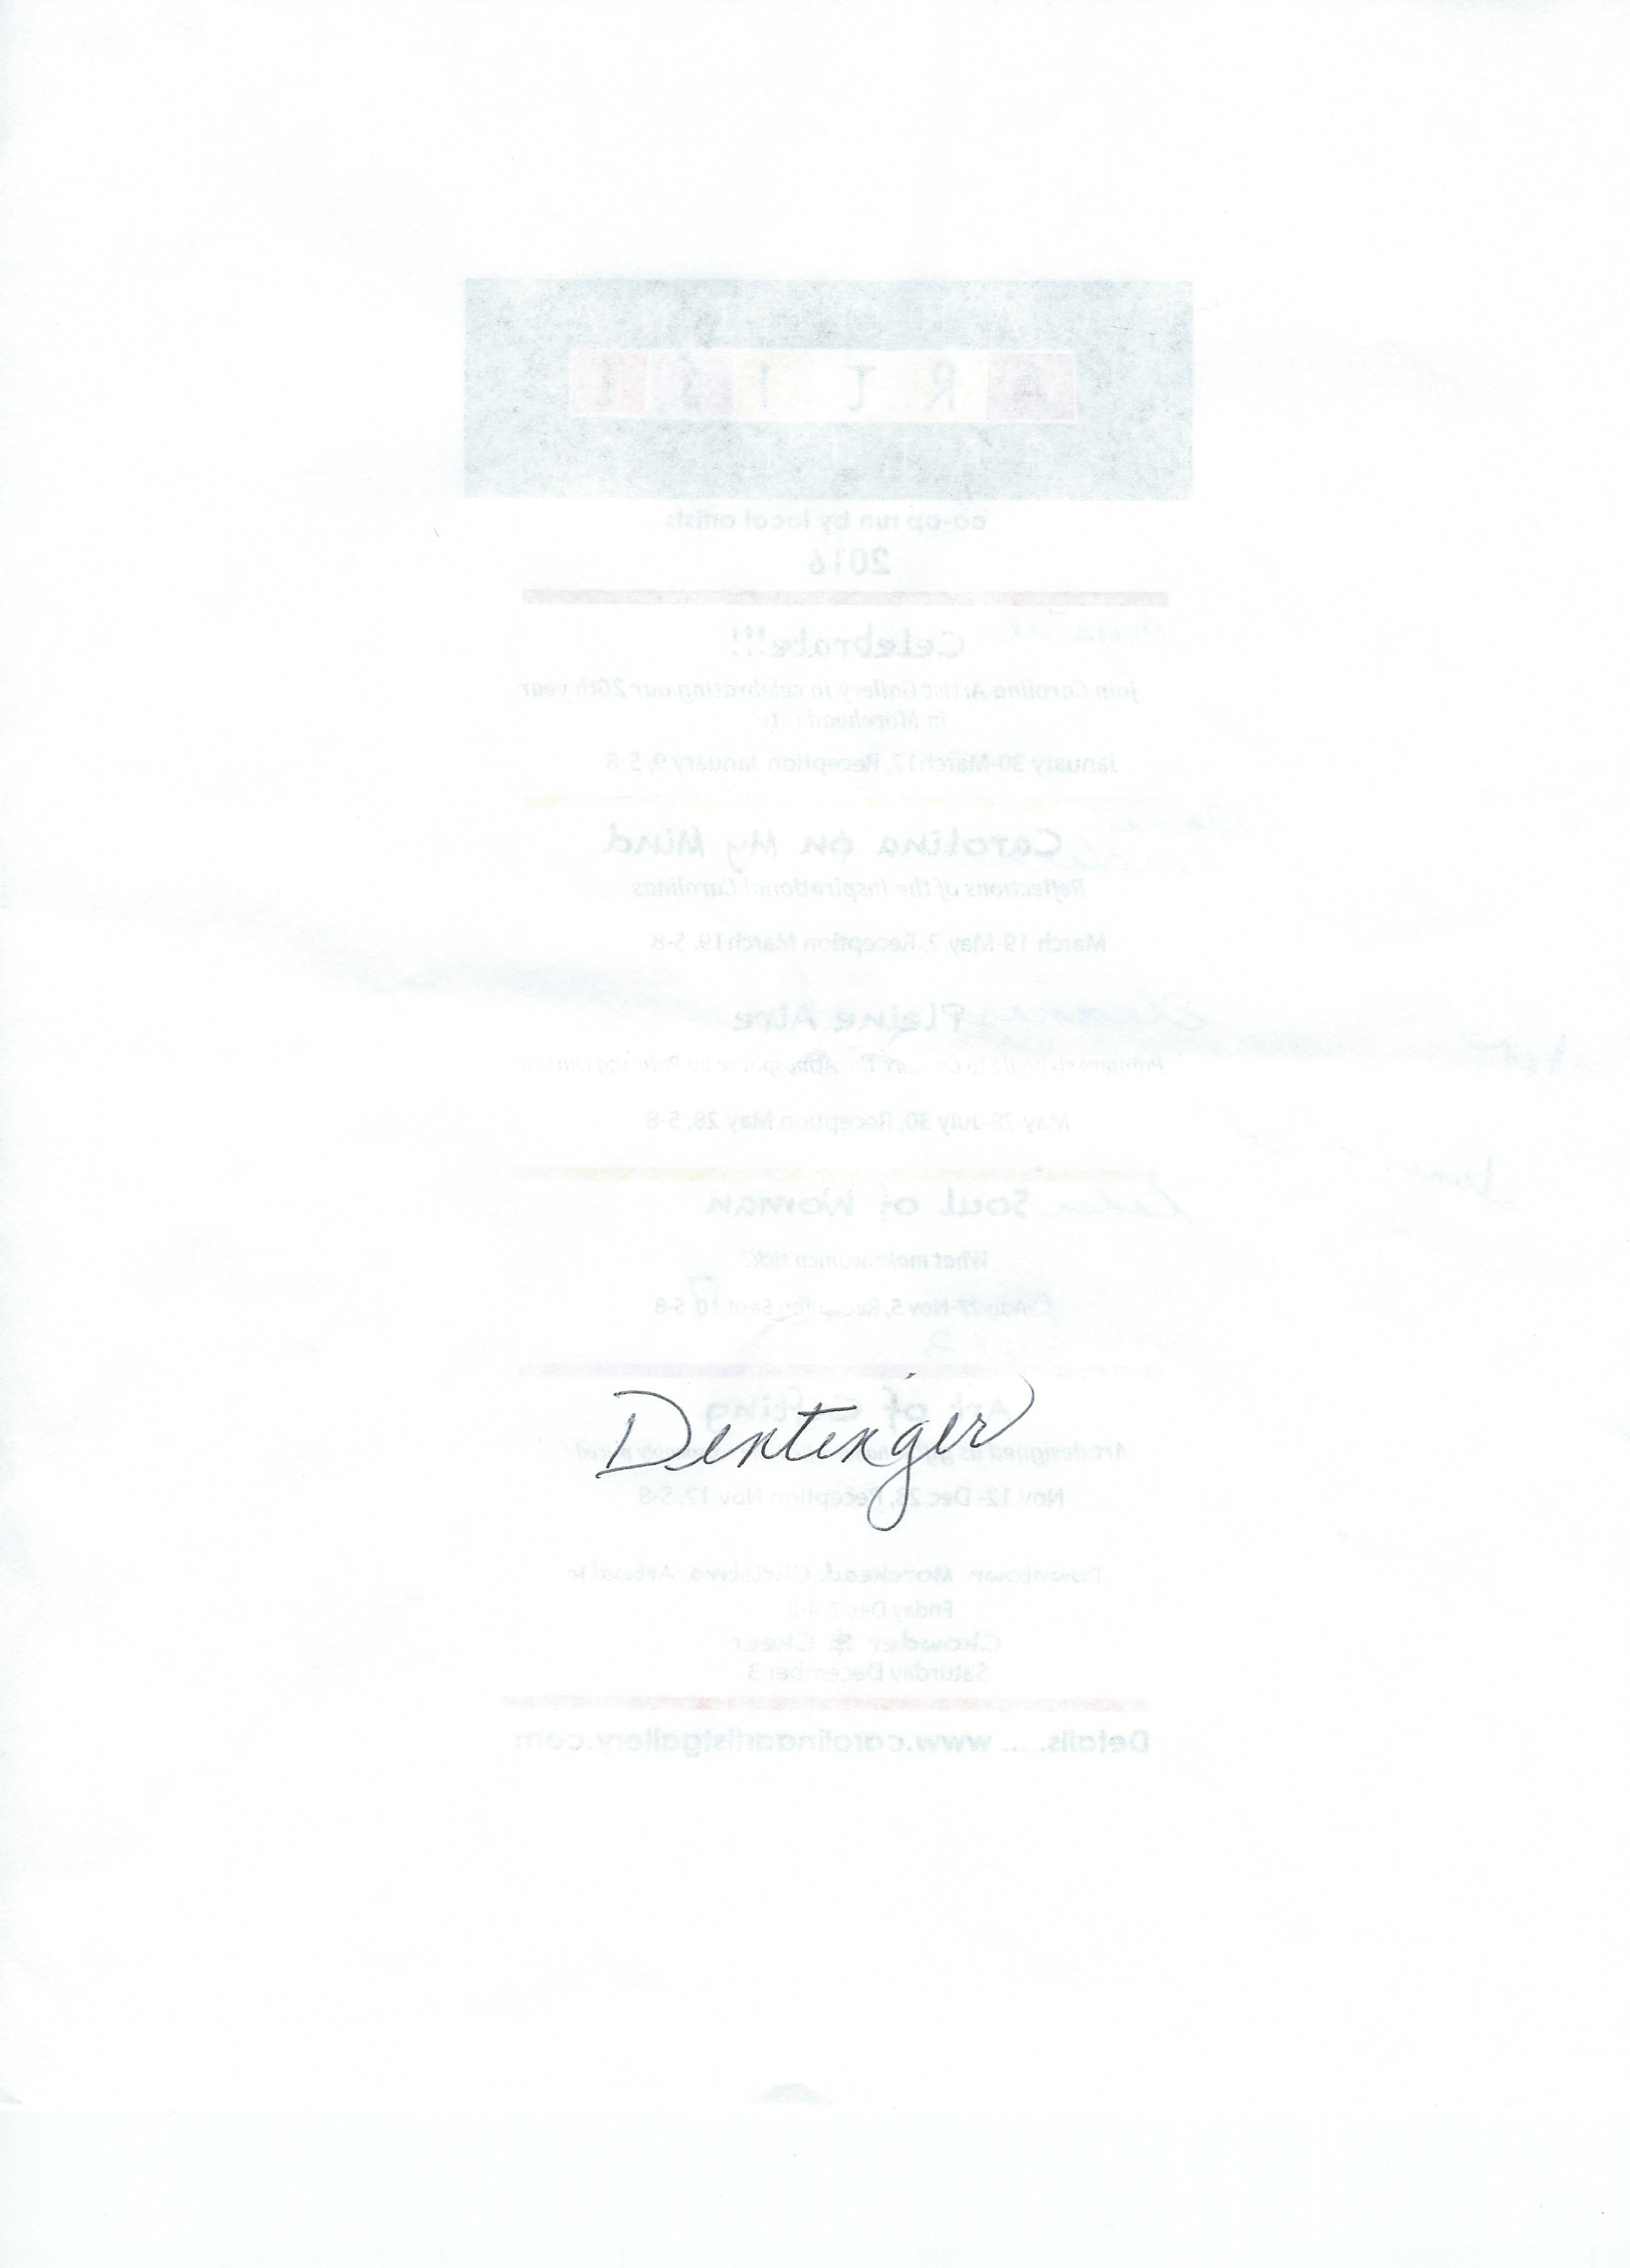 kathleen dentinger Signature